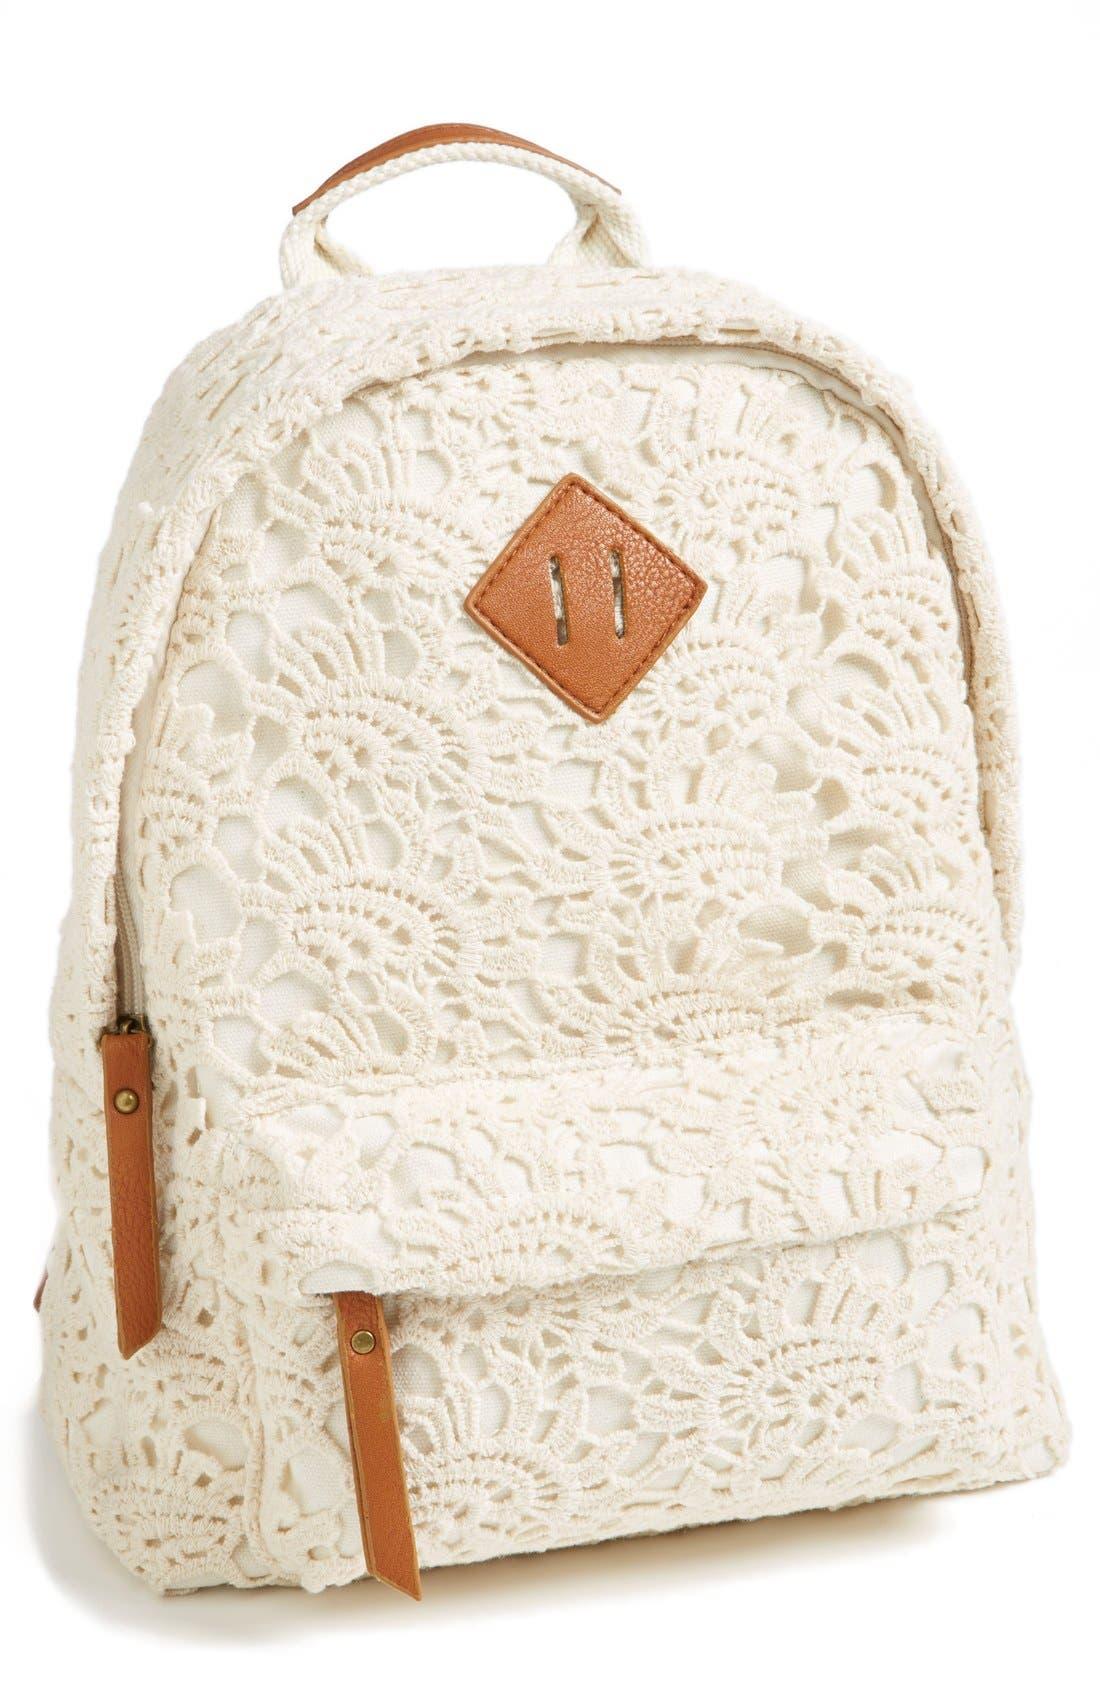 Alternate Image 1 Selected - KENDALL + KYLIE Madden Girl Crochet Backpack (Juniors)